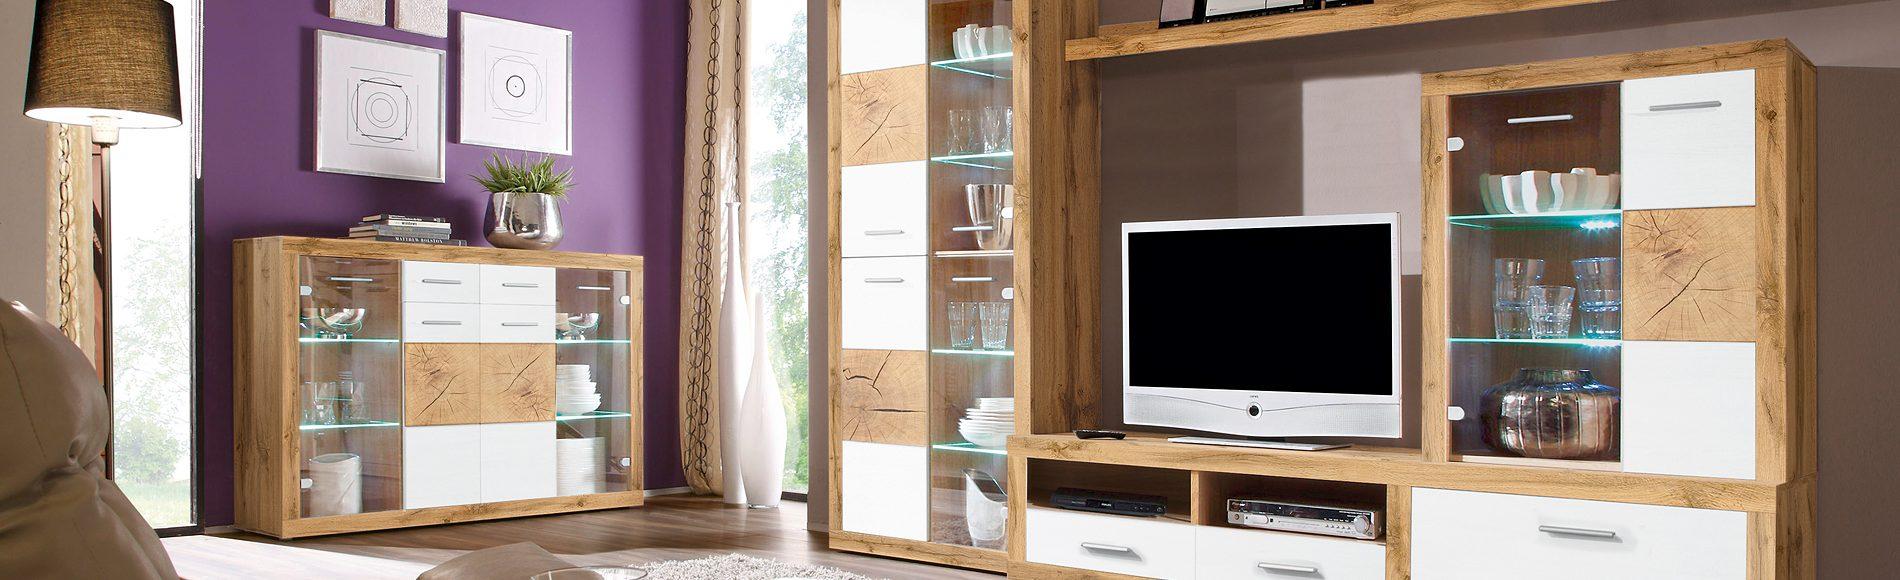 Wohnwand Woods günstig kaufen bei Robin Hood Möbel + Küchen, Donaueschingen